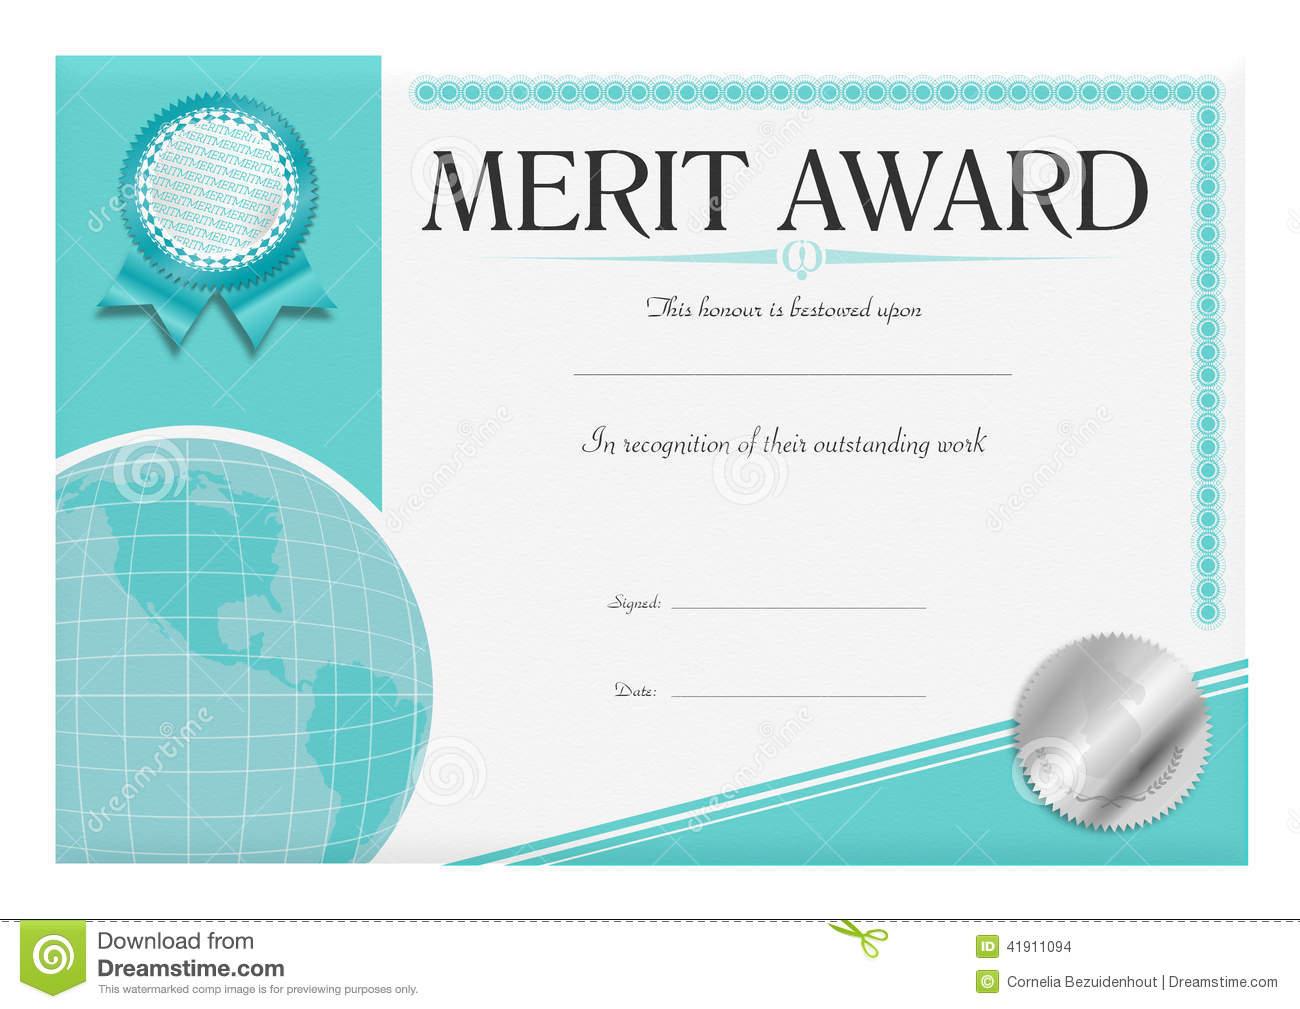 Certificate clipart award certificate. Merit panda free images